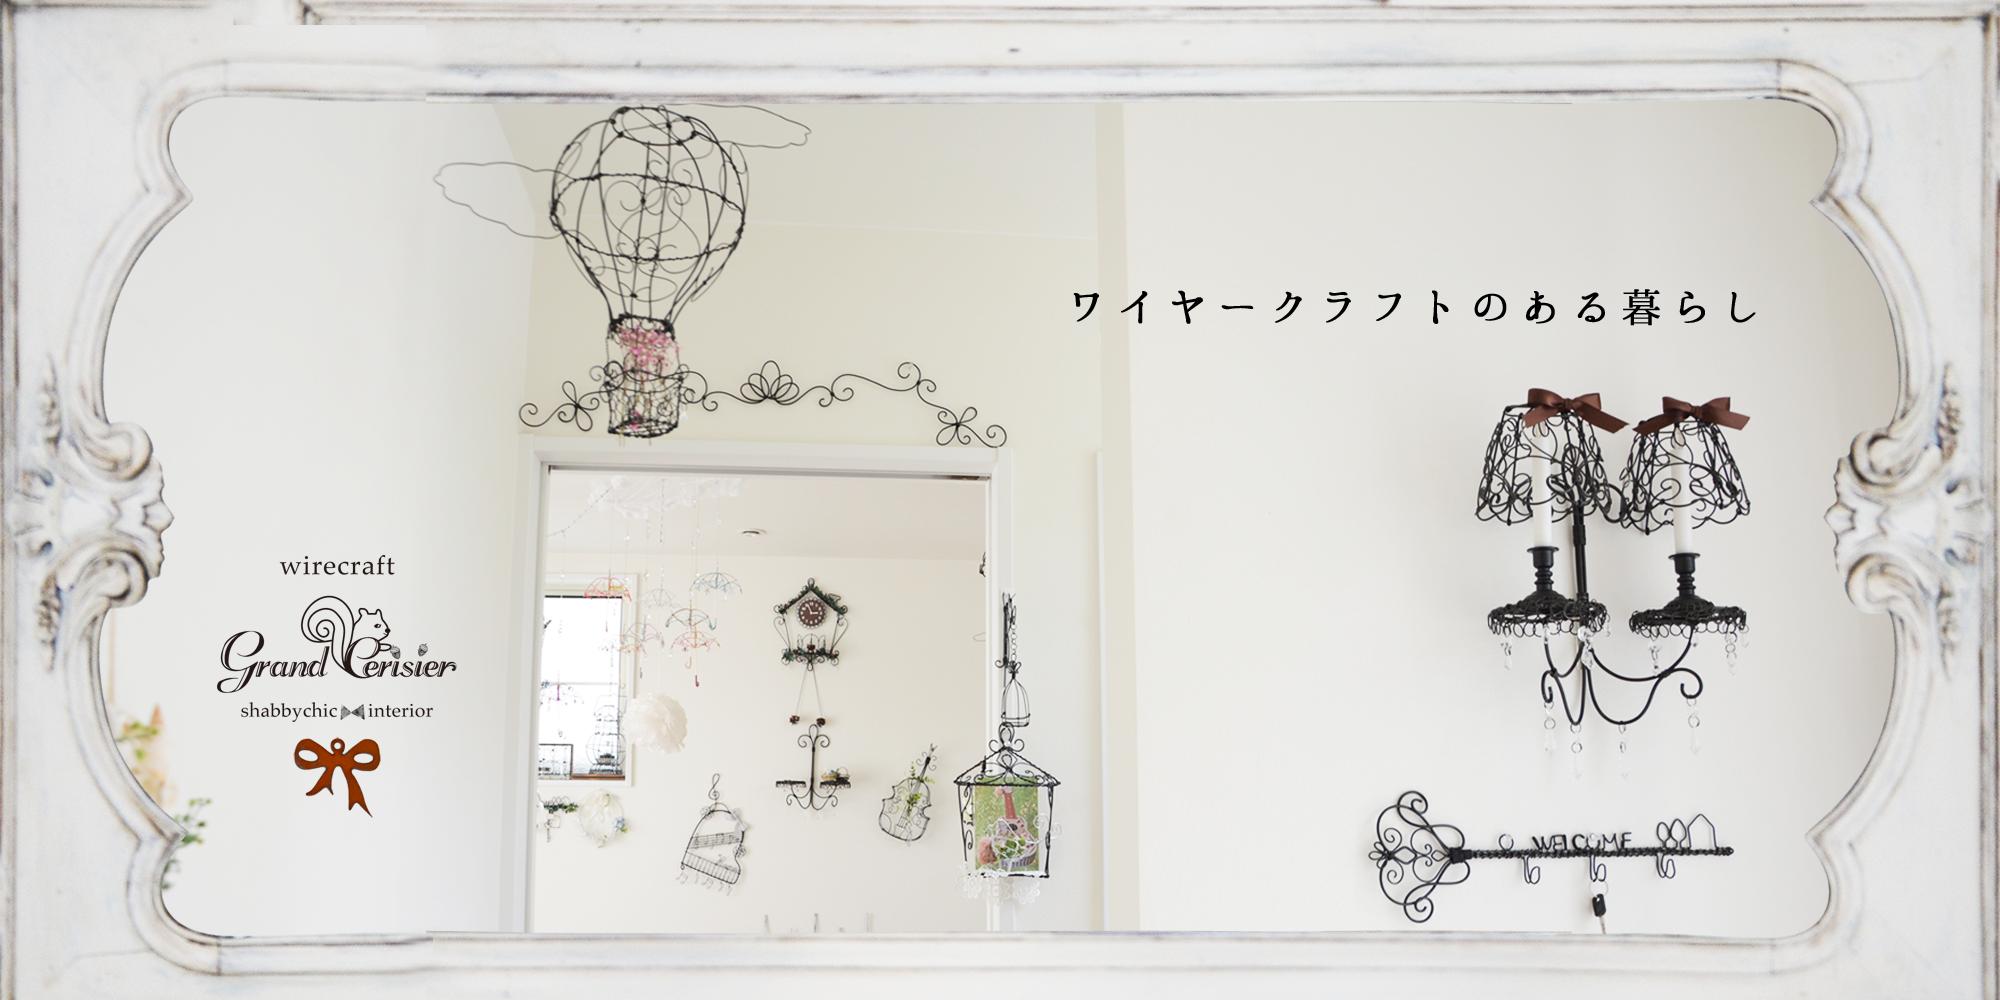 シャビーシックなインテリアが作れる逗子葉山のワイヤークラフト教室・製作グランスリズエ。講師養成でプロへの道も。